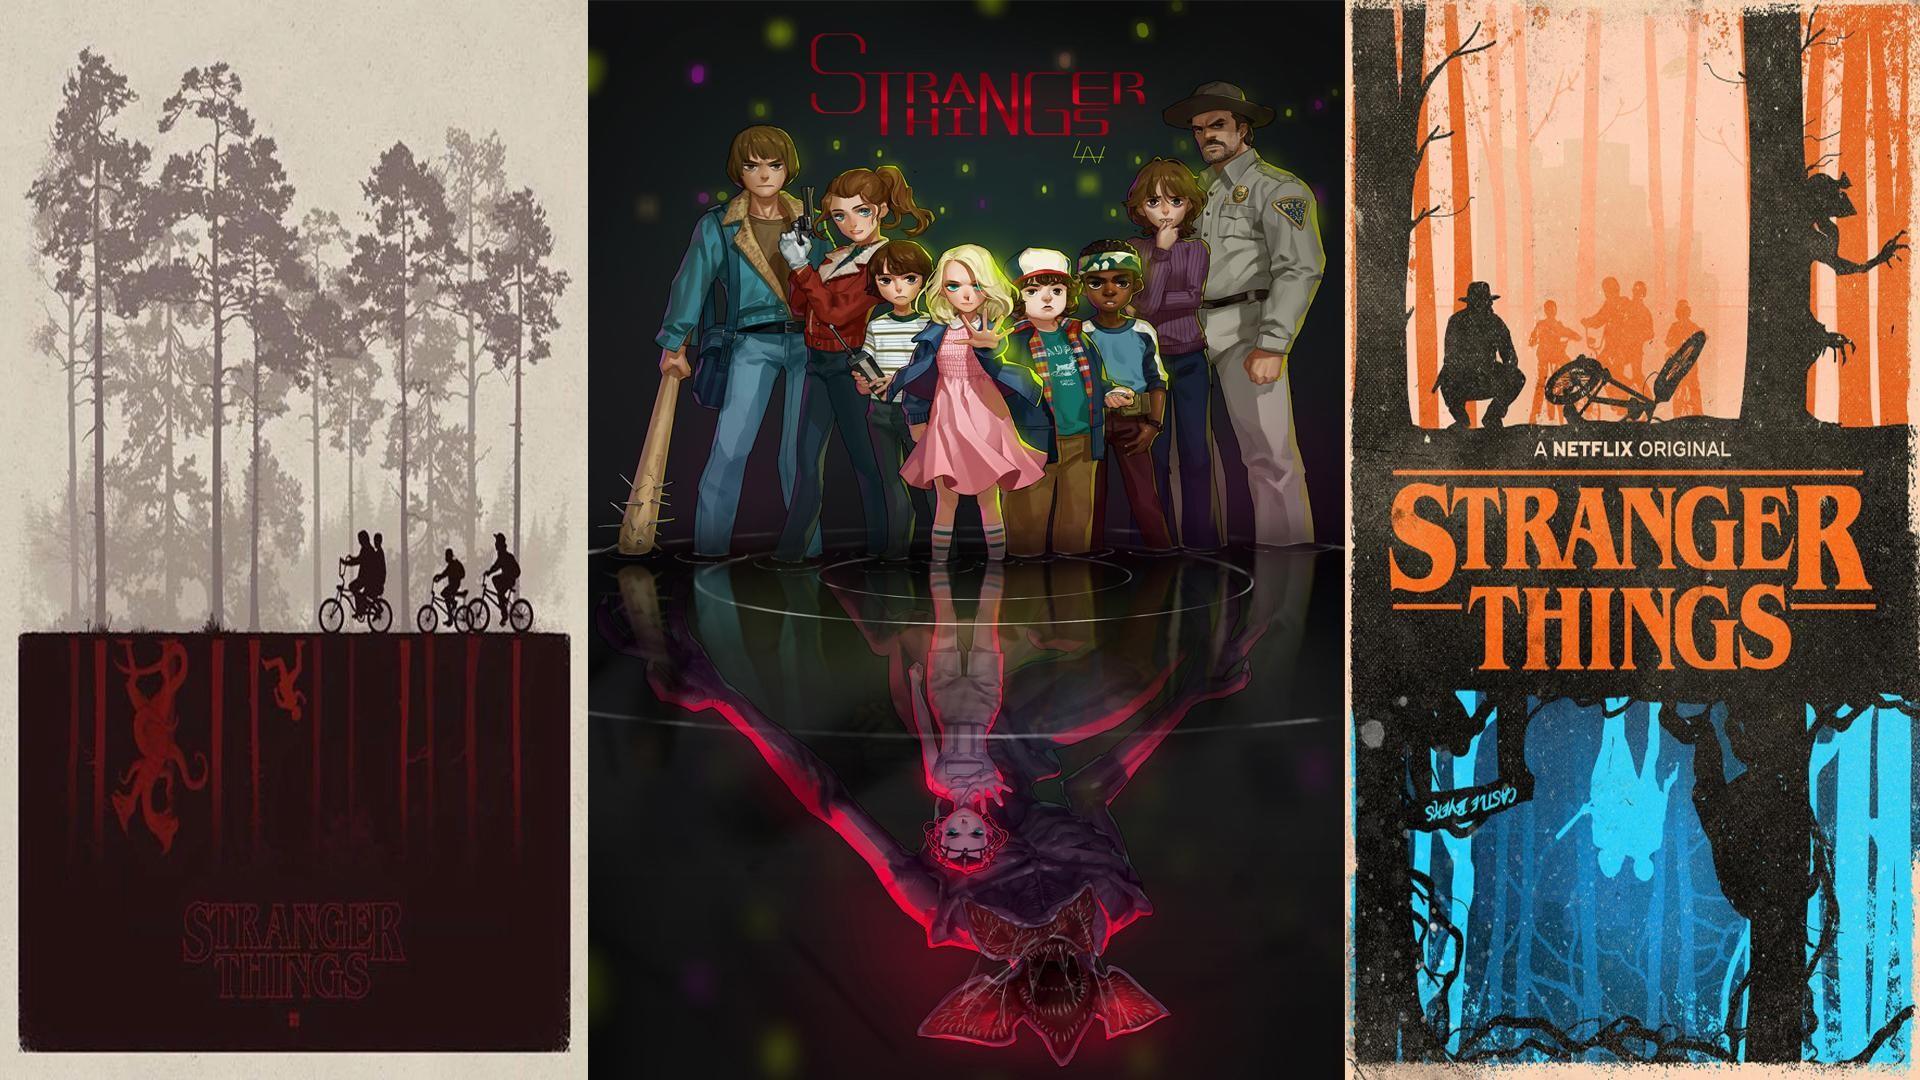 Stranger things wallpapers - Stranger things desktop wallpaper ...